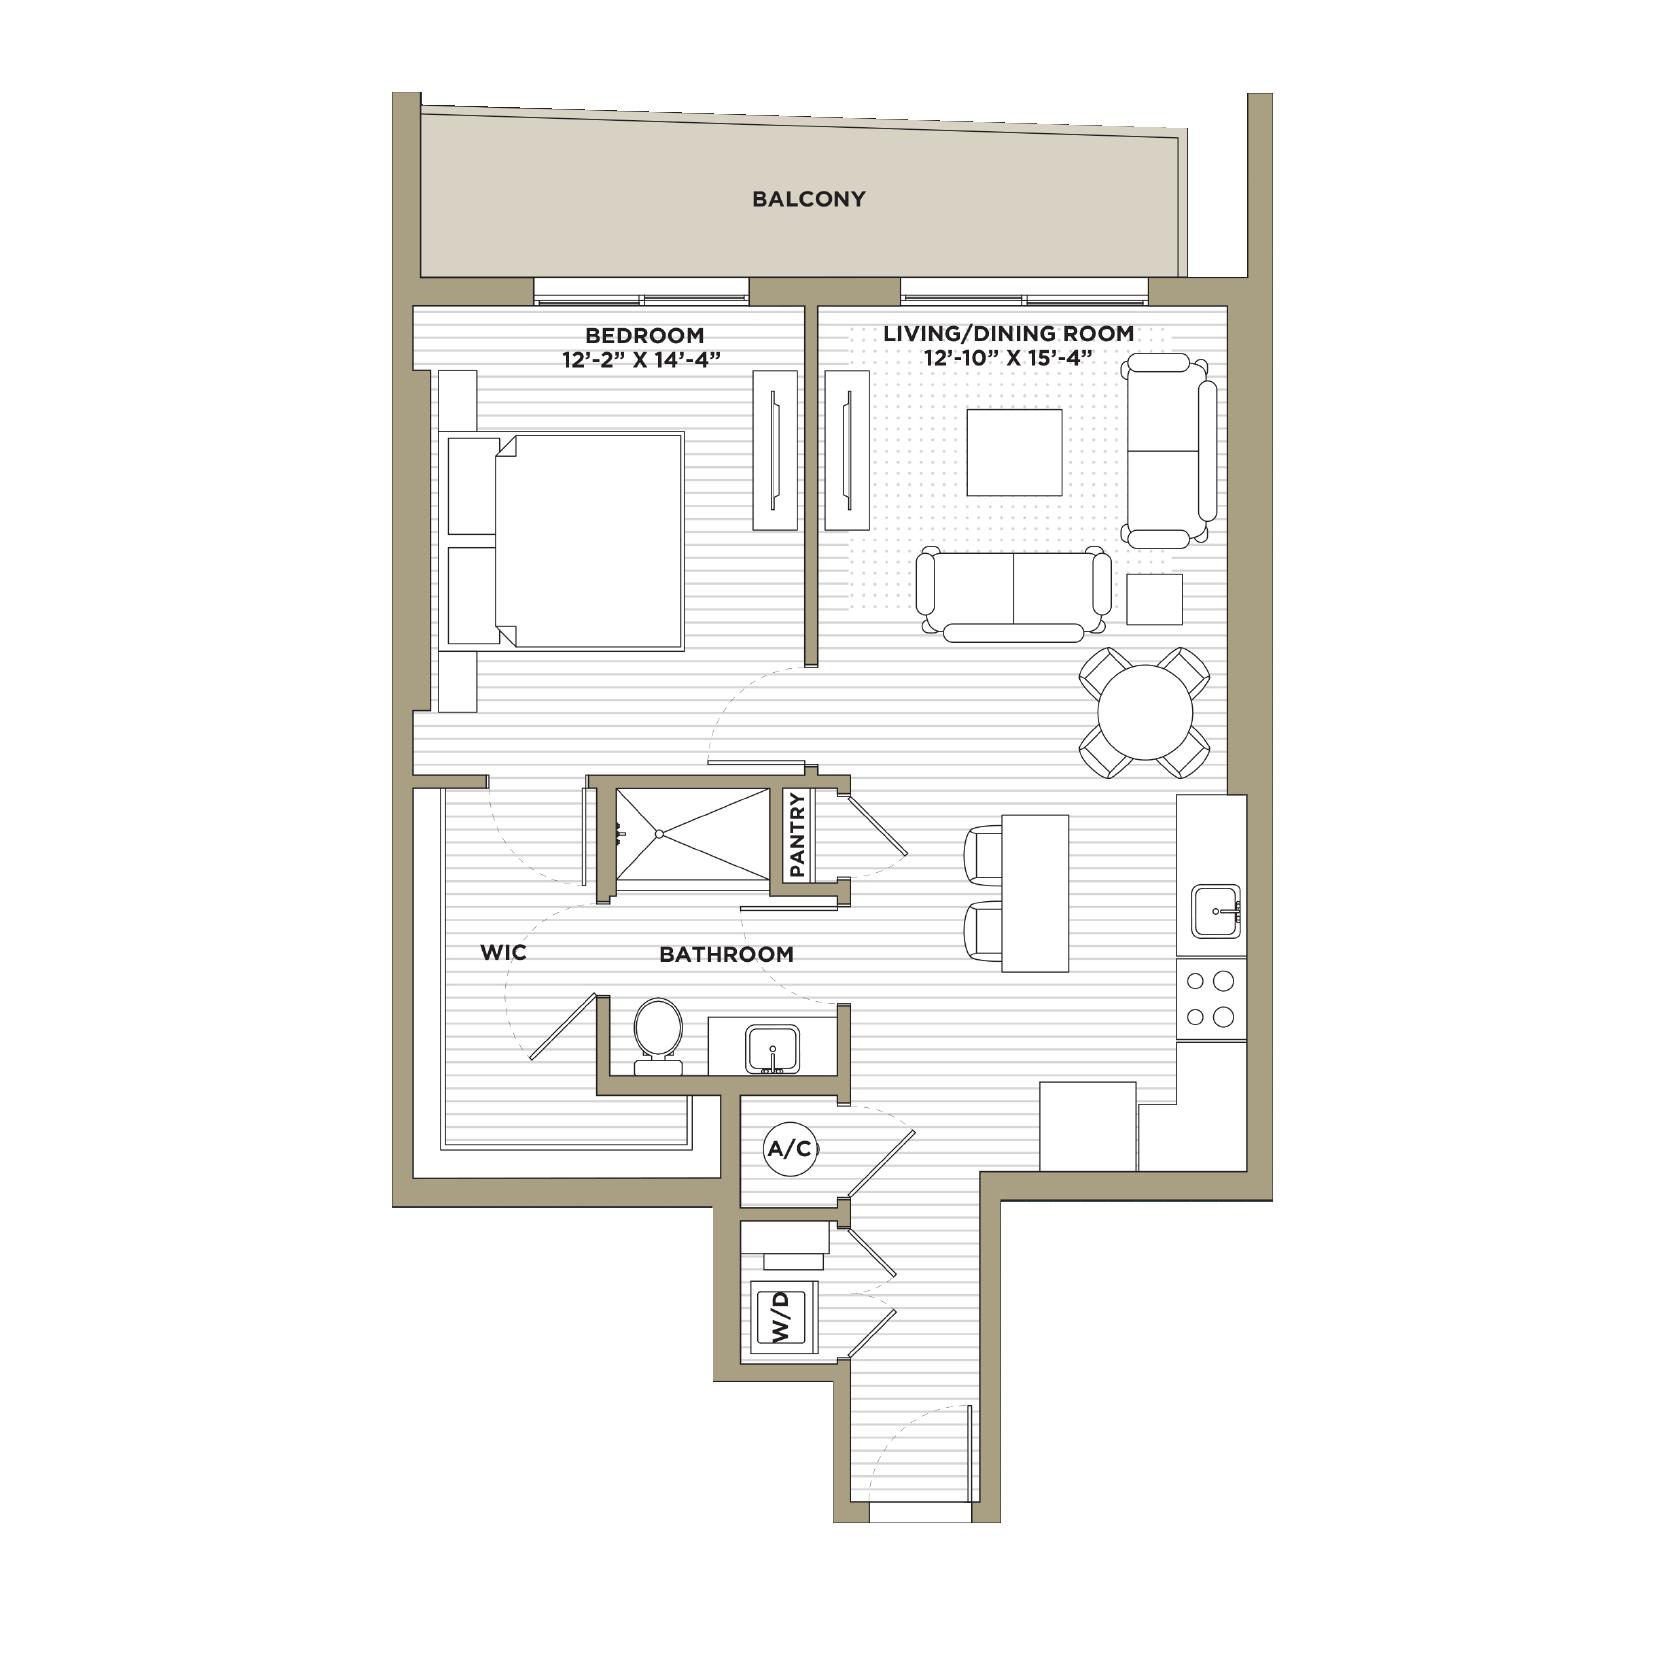 A3A - 1 Bedroom / 1 Bathroom830 sq. ft.